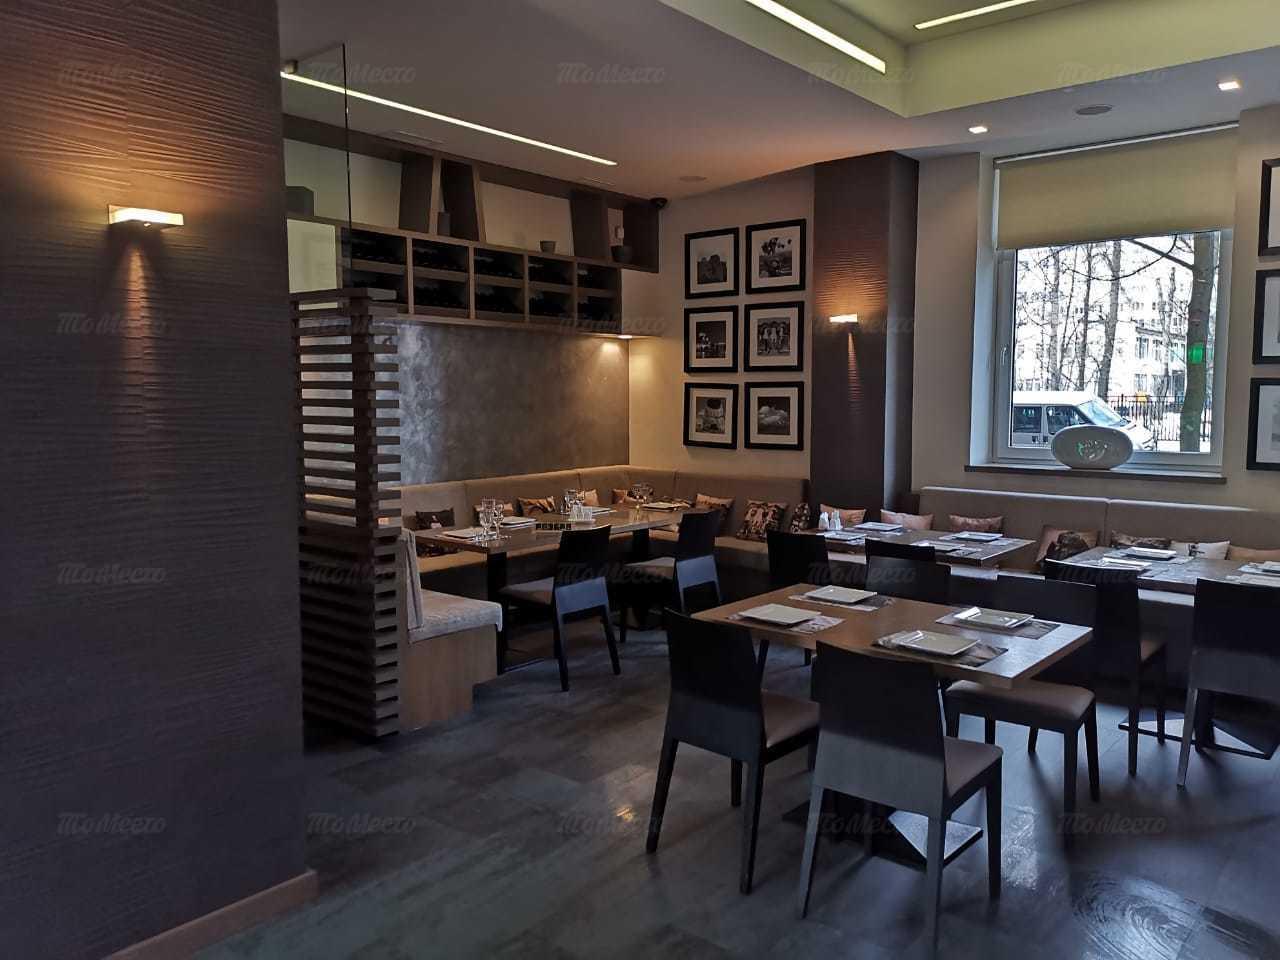 Ресторан Чаман на улице Димитрова фото 4